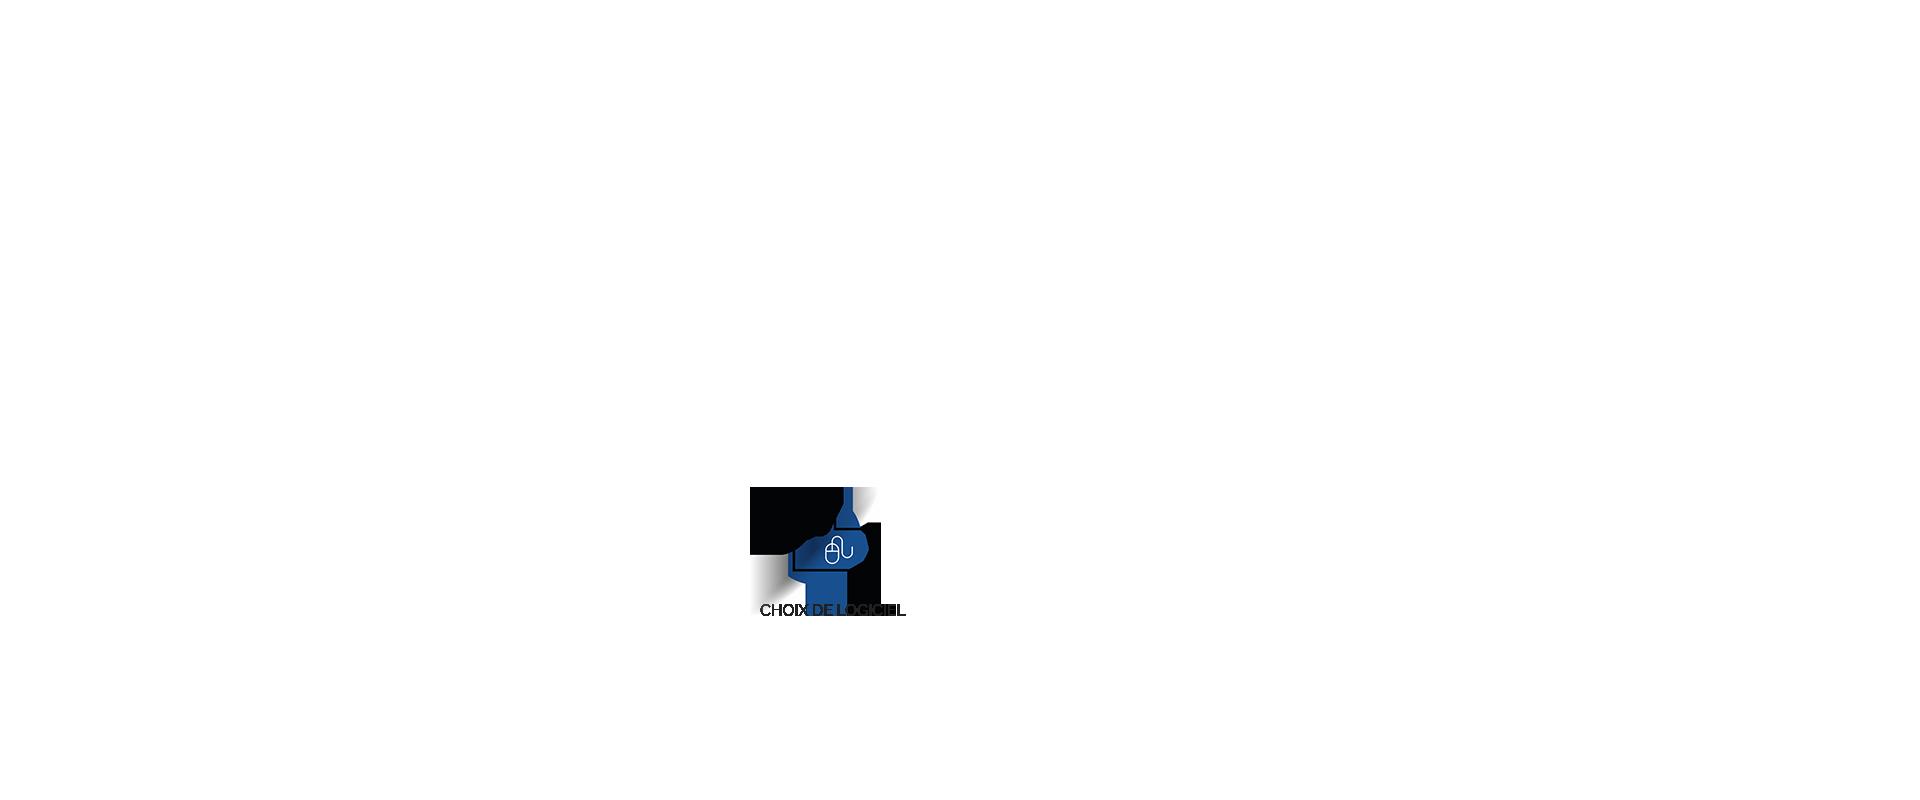 Progys - audit et conseil pour le choix de logiciel erp crm gestion paie comptabilité